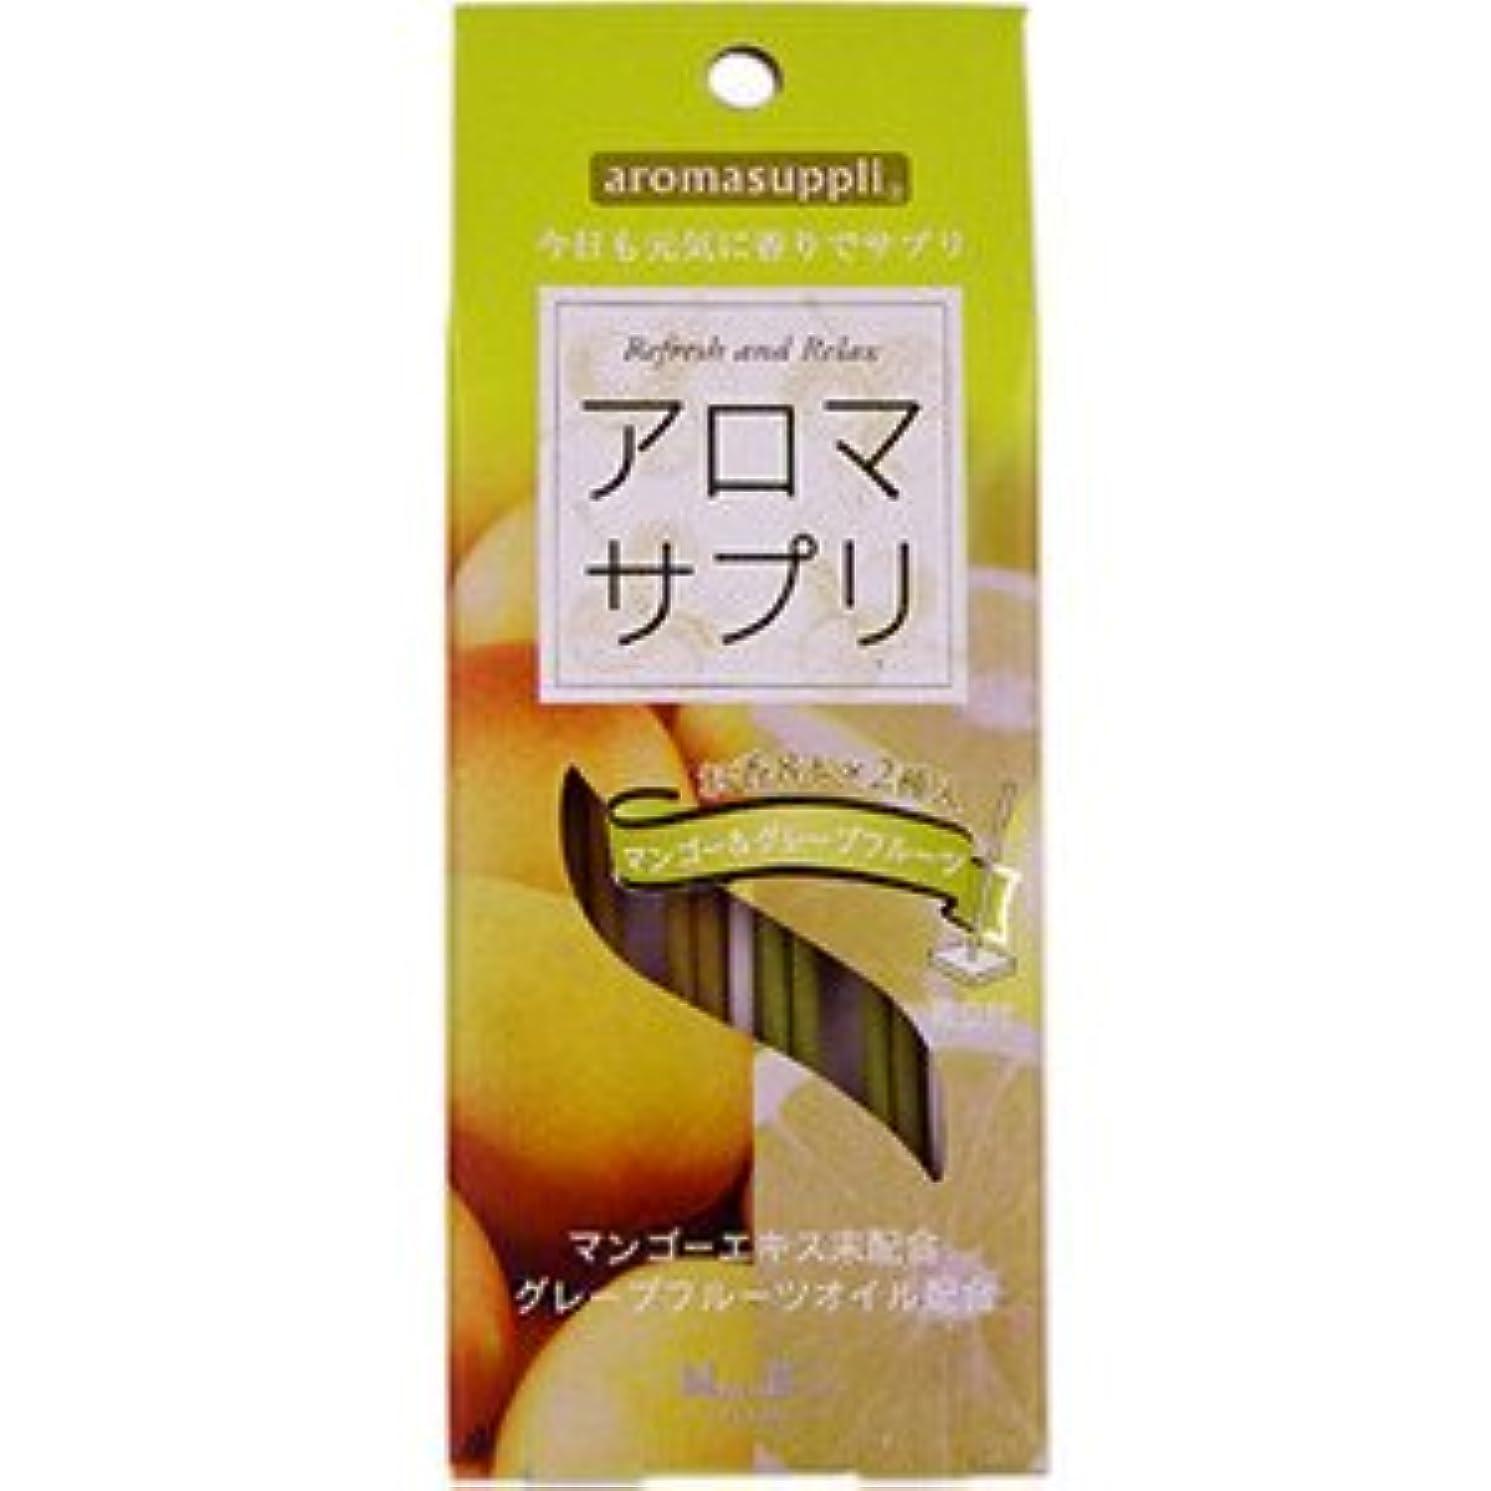 インスタントお香男らしさ日本香堂 アロマサプリ マンゴー&グレープフルーツ